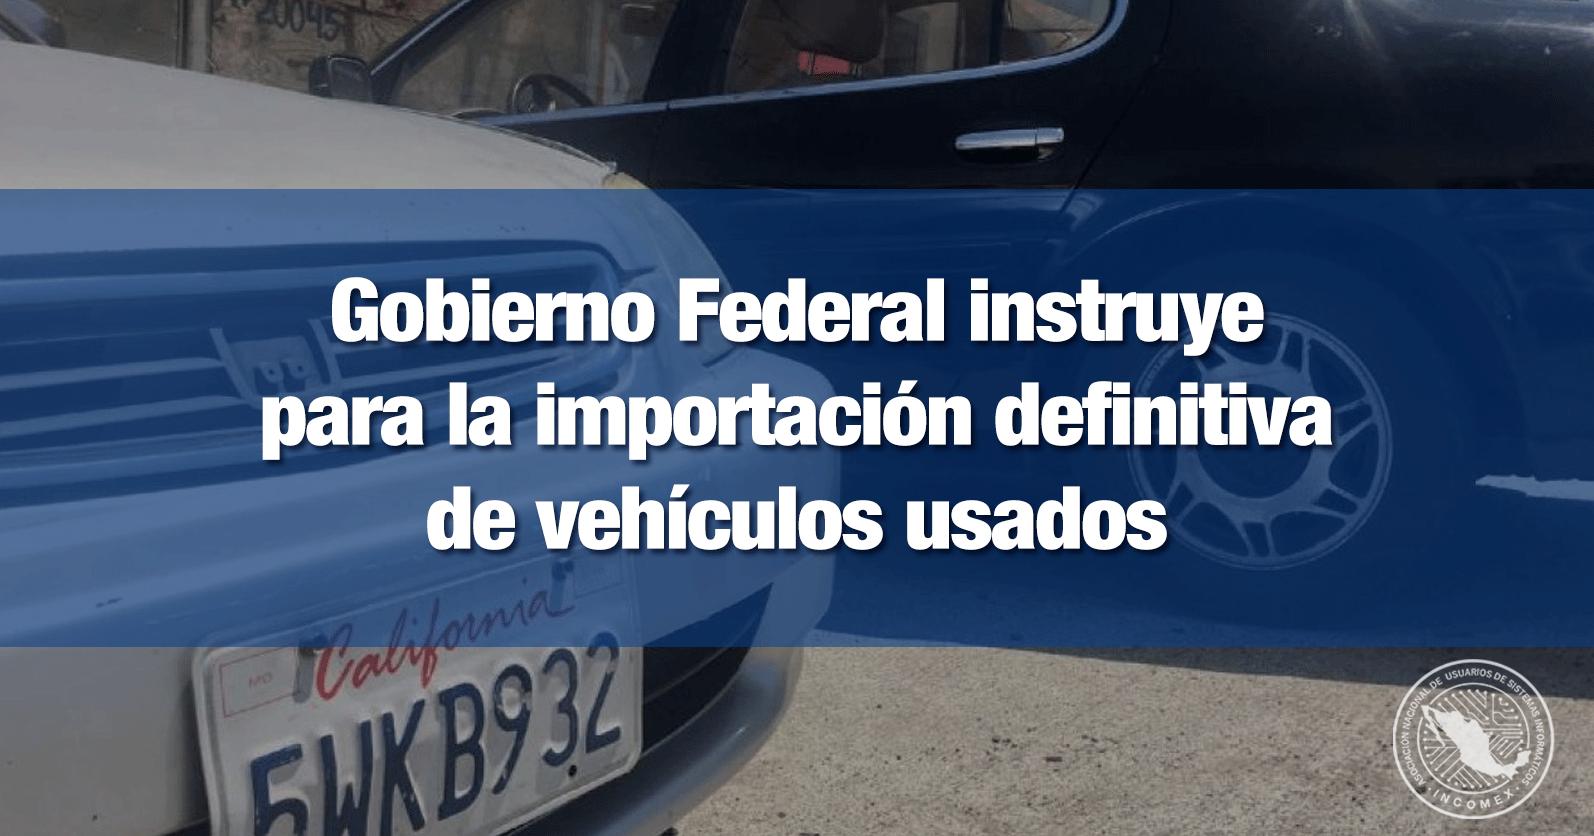 Gobierno Federal instruye para la importación definitiva de vehículos usados